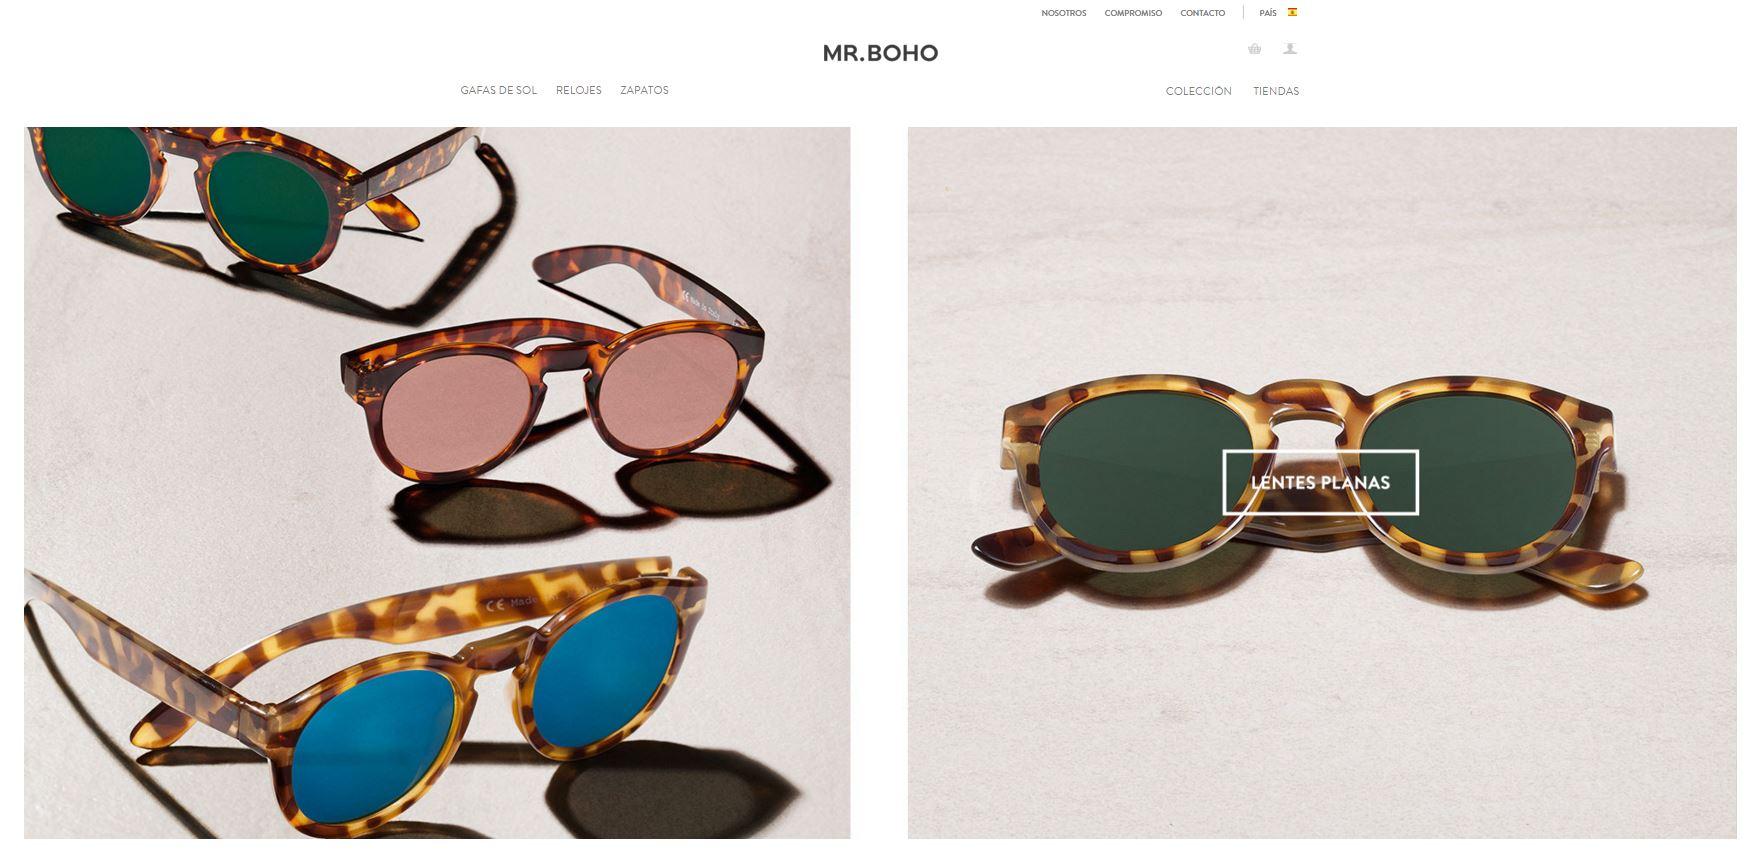 Página web de Mr.Boho